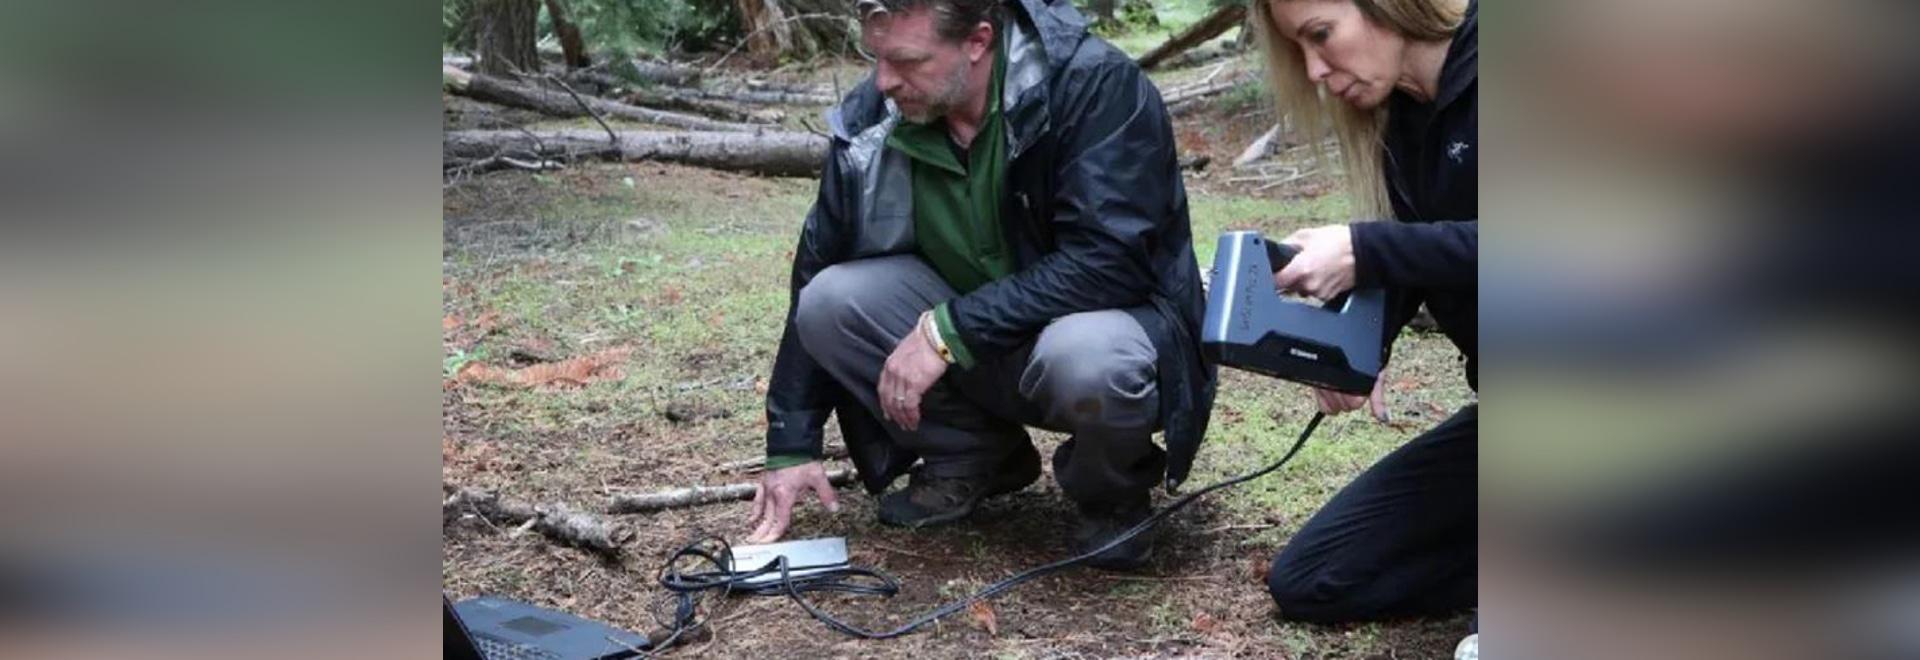 U.S. Travel Channel Nutzt EinScan Pro 2X, um zum Kern uralter Geheimnisse vorzudringen